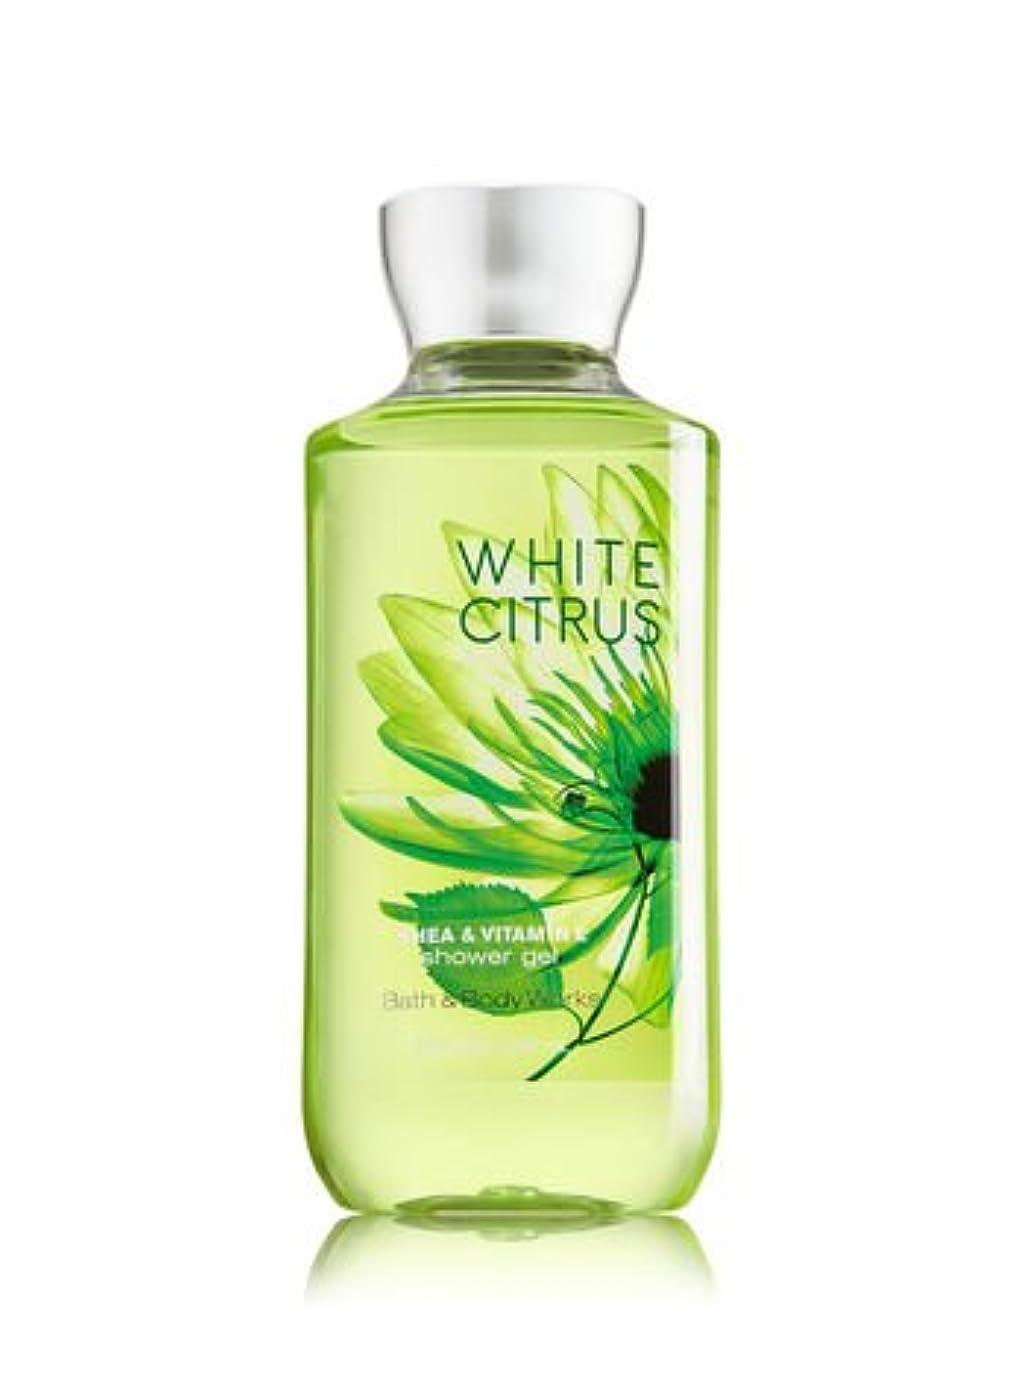 周術期解放するパンフレットバス&ボディワークス ホワイトシトラス シャワージェル White Citrus Shower Gel [並行輸入品]